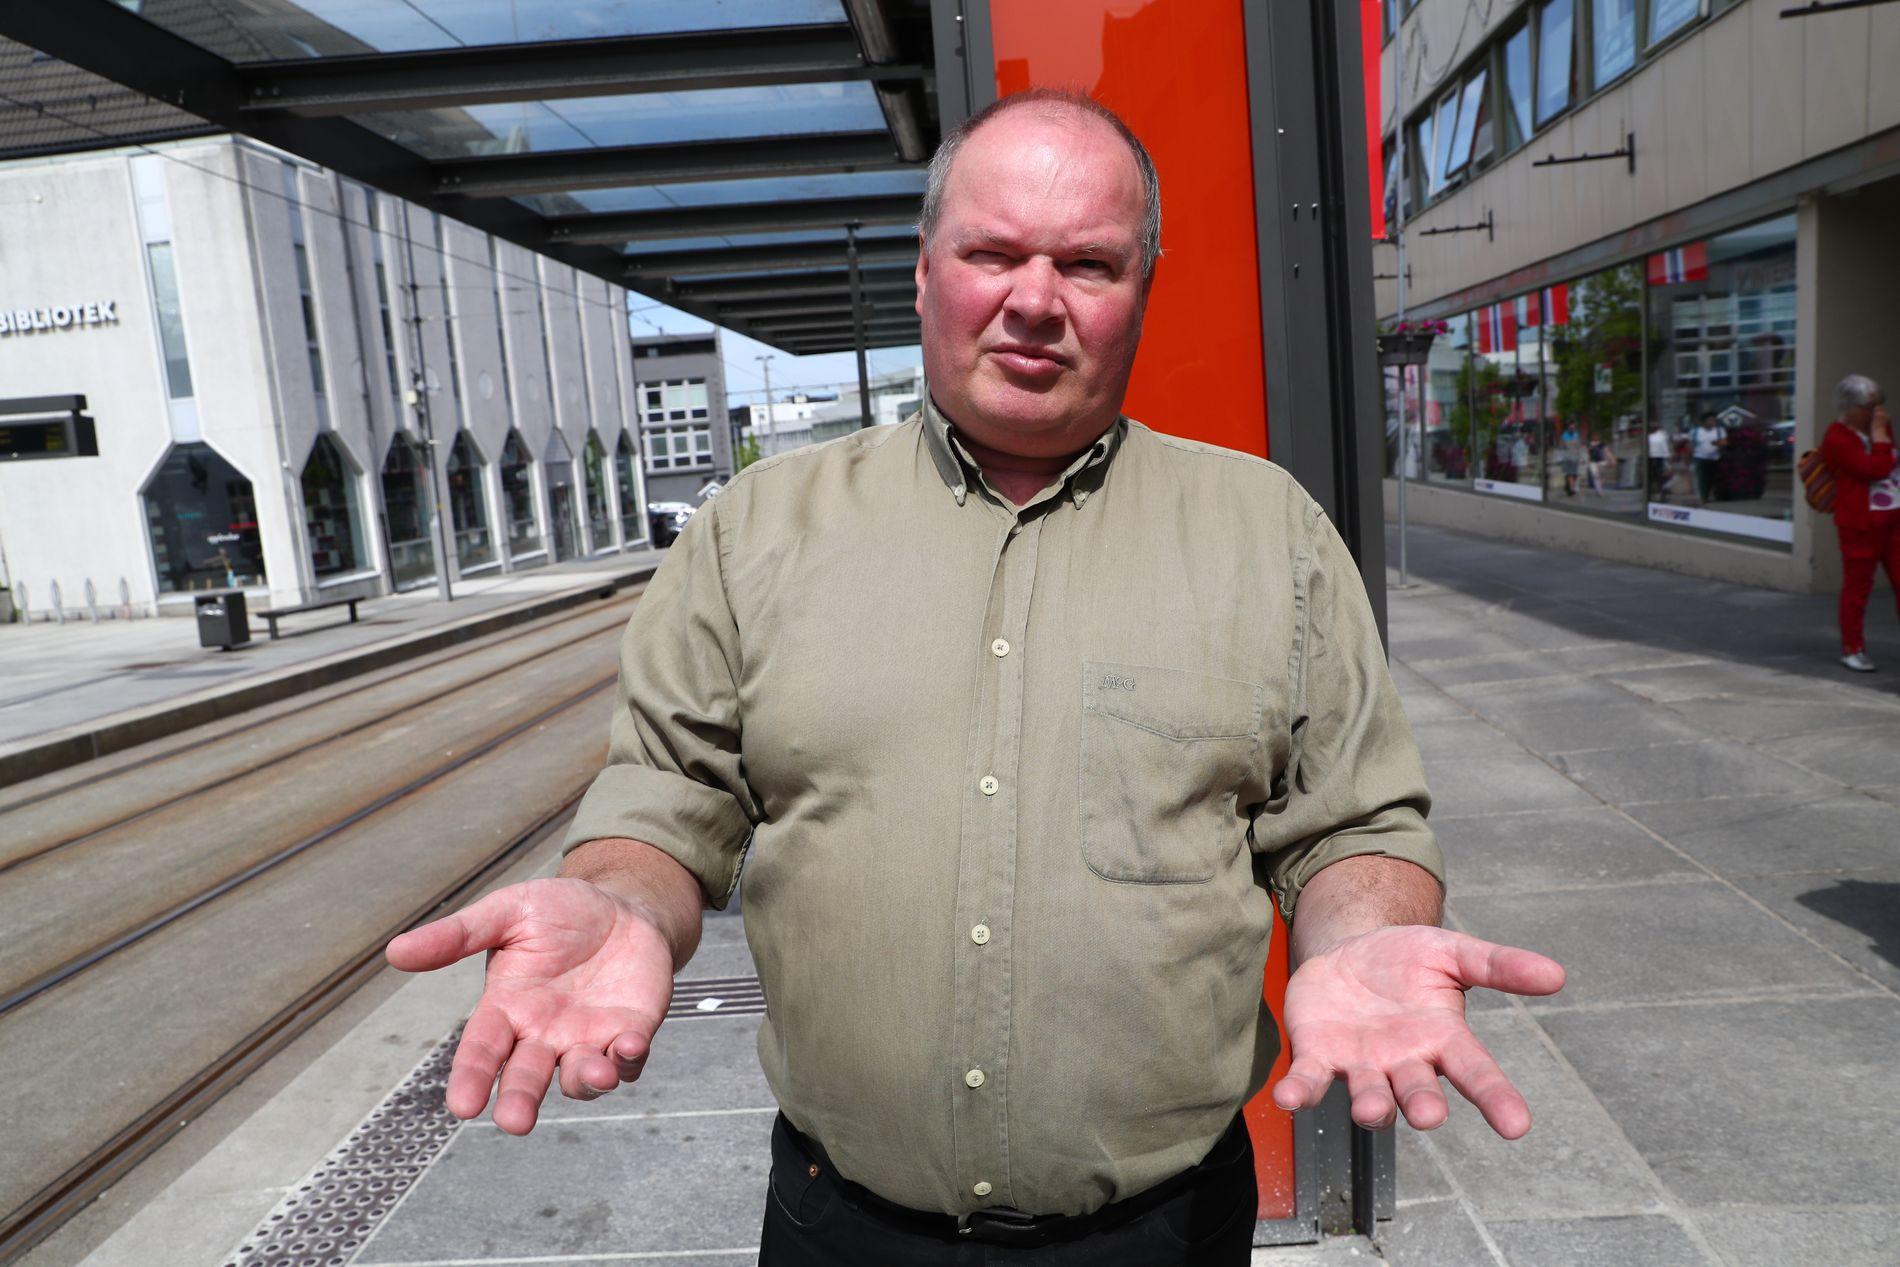 HEMMELIGHETSFULL: Trym Aafløy, toppkandidat for FNB i Bergen, vil ikke avgjøre hvem partiet vil samarbeide med før etter valget.